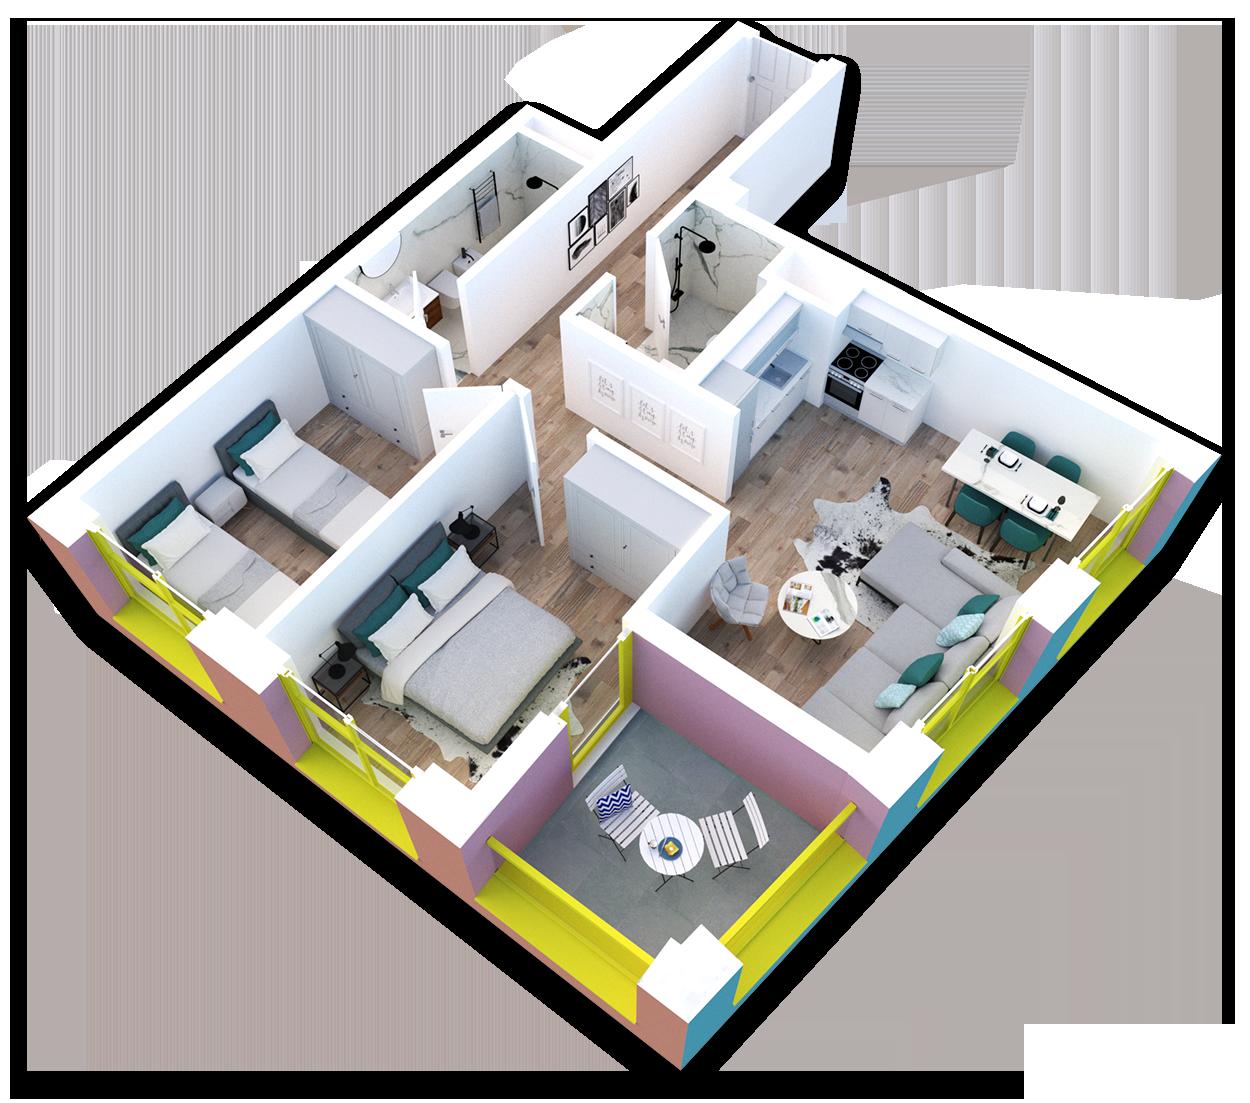 Apartament 2+1 në shitje në Tiranë - Mangalem 21 Shkalla 20 Kati 4